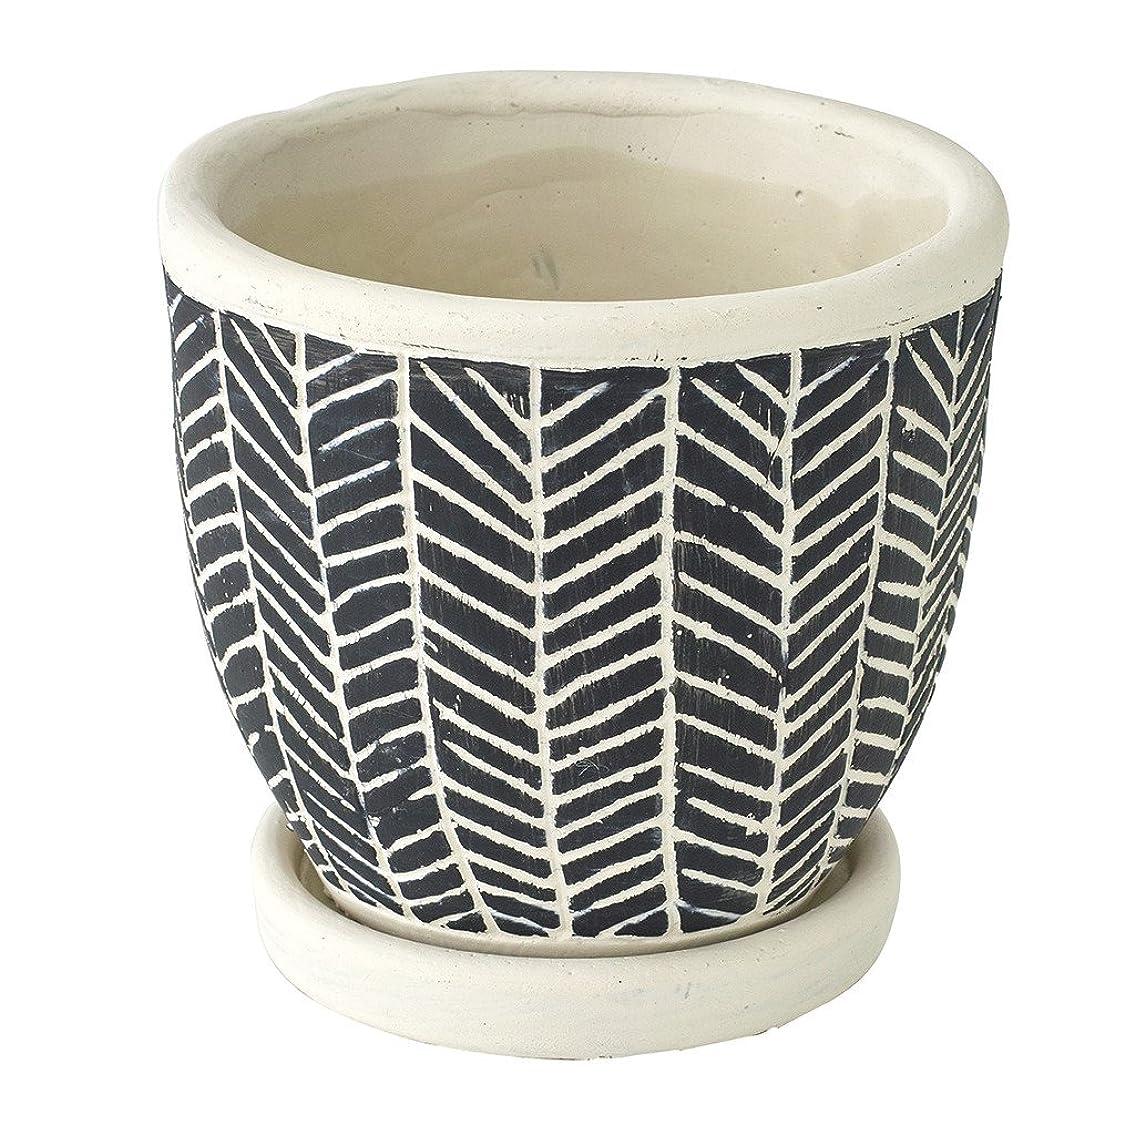 永久に整然とした勘違いするSPICE OF LIFE 植木鉢 レリーフプランター ヘリンボーン ブラック 直径12.5×12cm セメント 底穴あり 皿付き CCGH1810BK